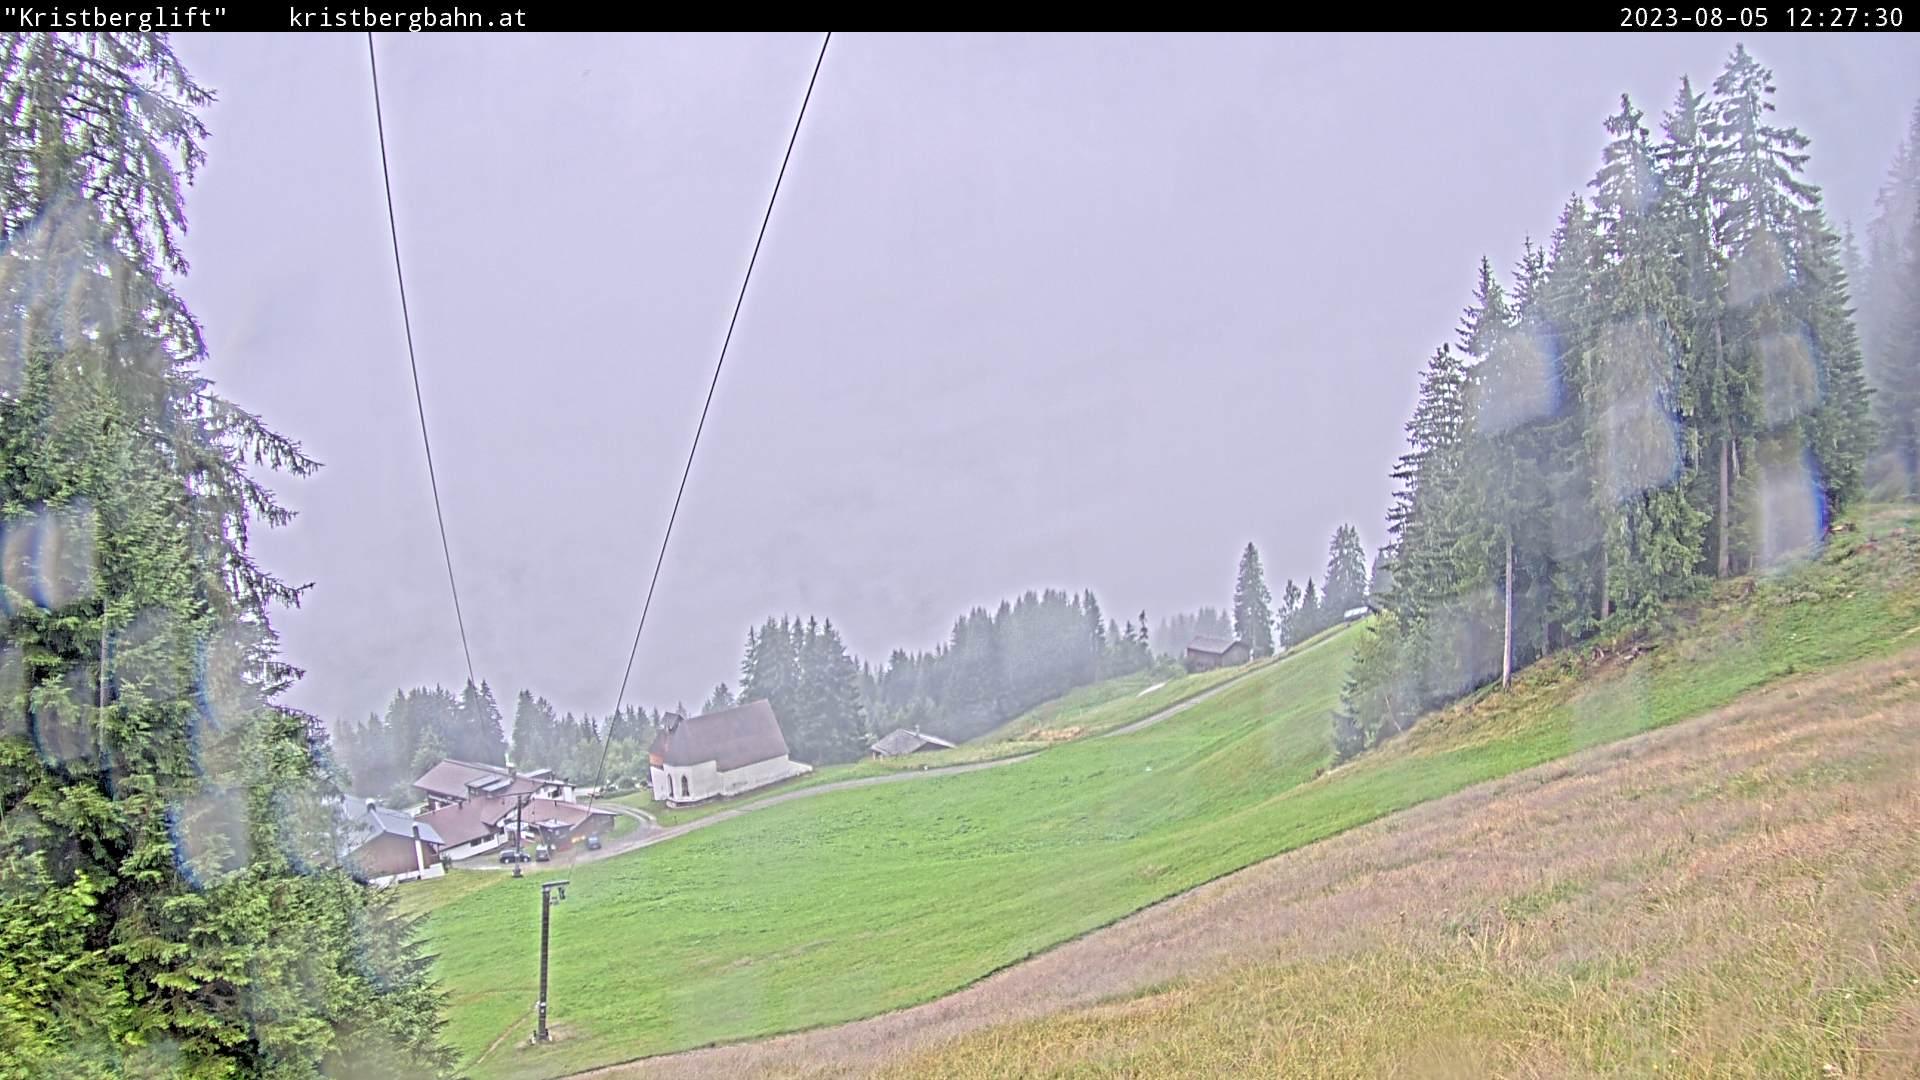 Die Webcam mit diesem Livebild zeigt den Blick auf die Skipiste vom Familienskigebiet Kristberg (Kristberglift), den Panoramagasthof Kristberg, die St. Agatha Knappenkapelle, die Verwall- und Rätikongebirgsgruppe mit Schruns-Tschagguns, Latschau und Golm.